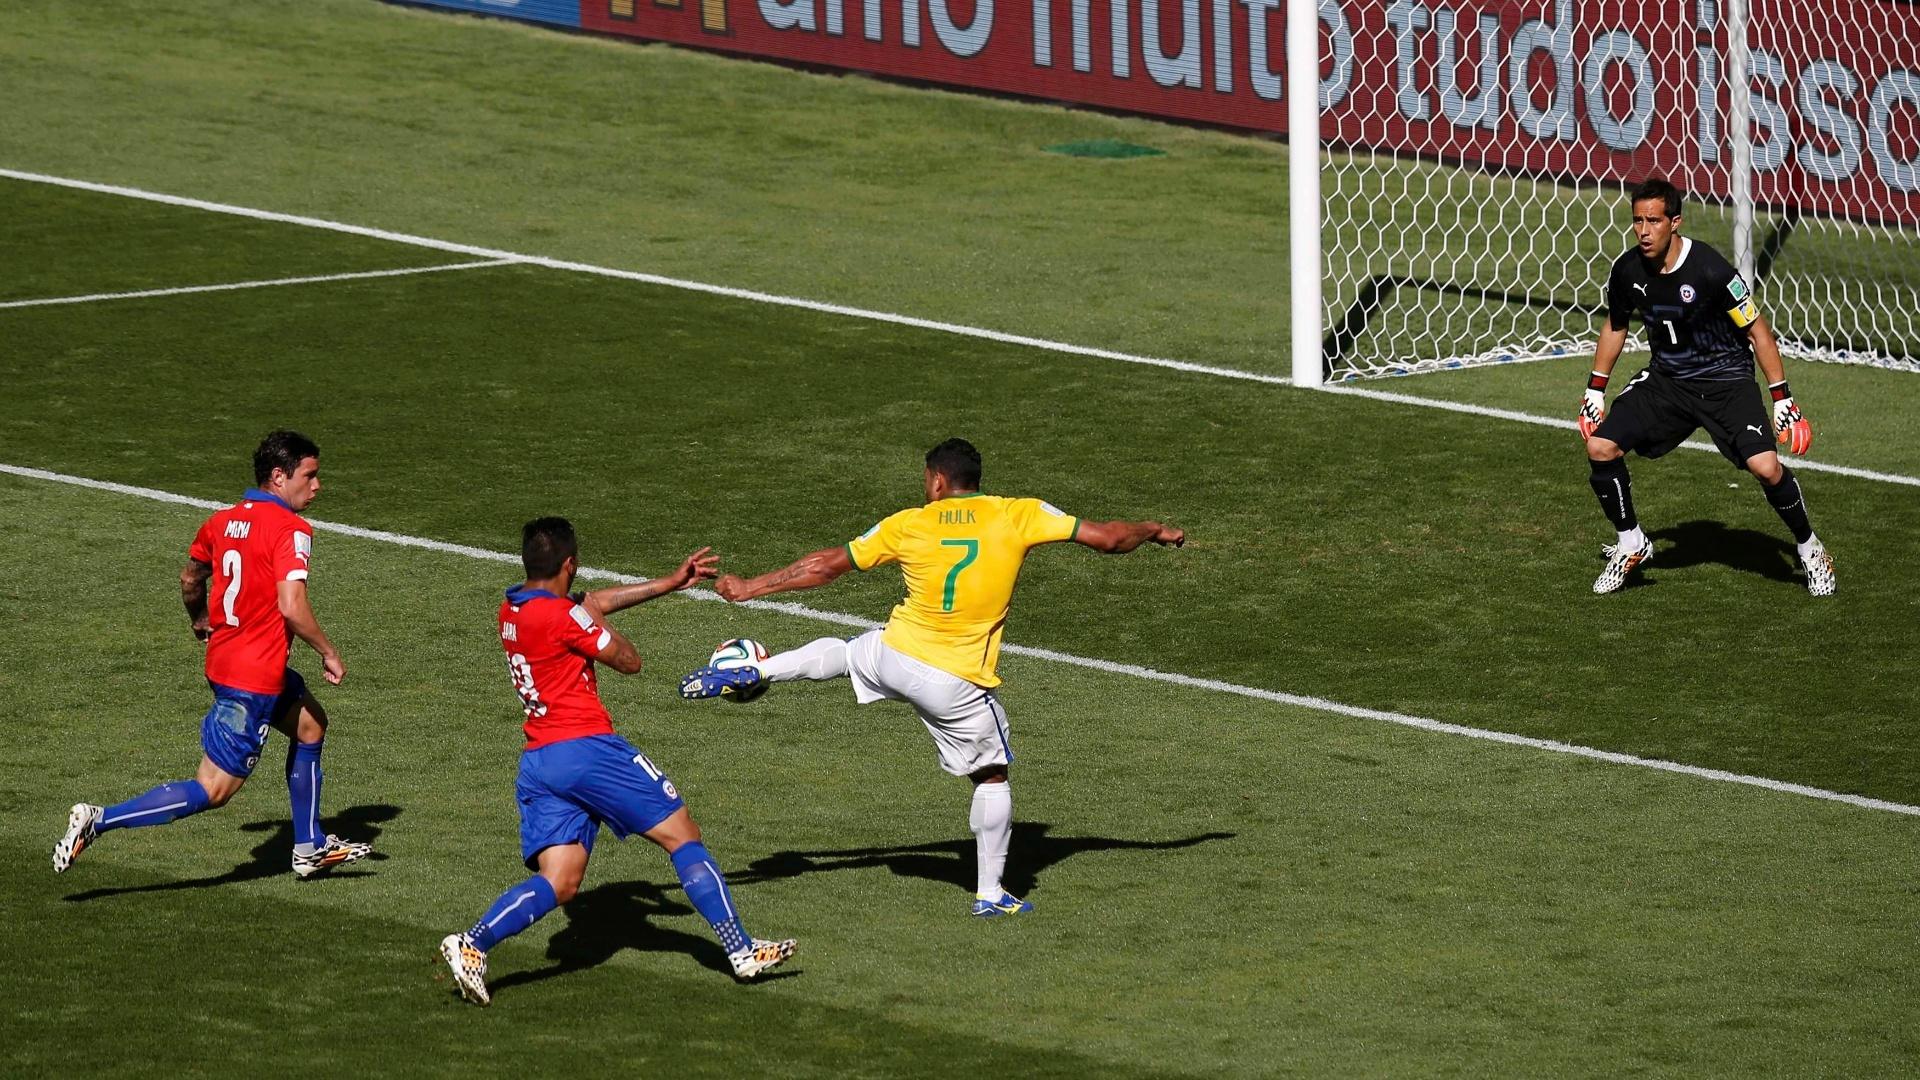 Hulk finaliza e marca no segundo tempo contra o Chile, mas o gol é anulado pela arbitram no Mineirão